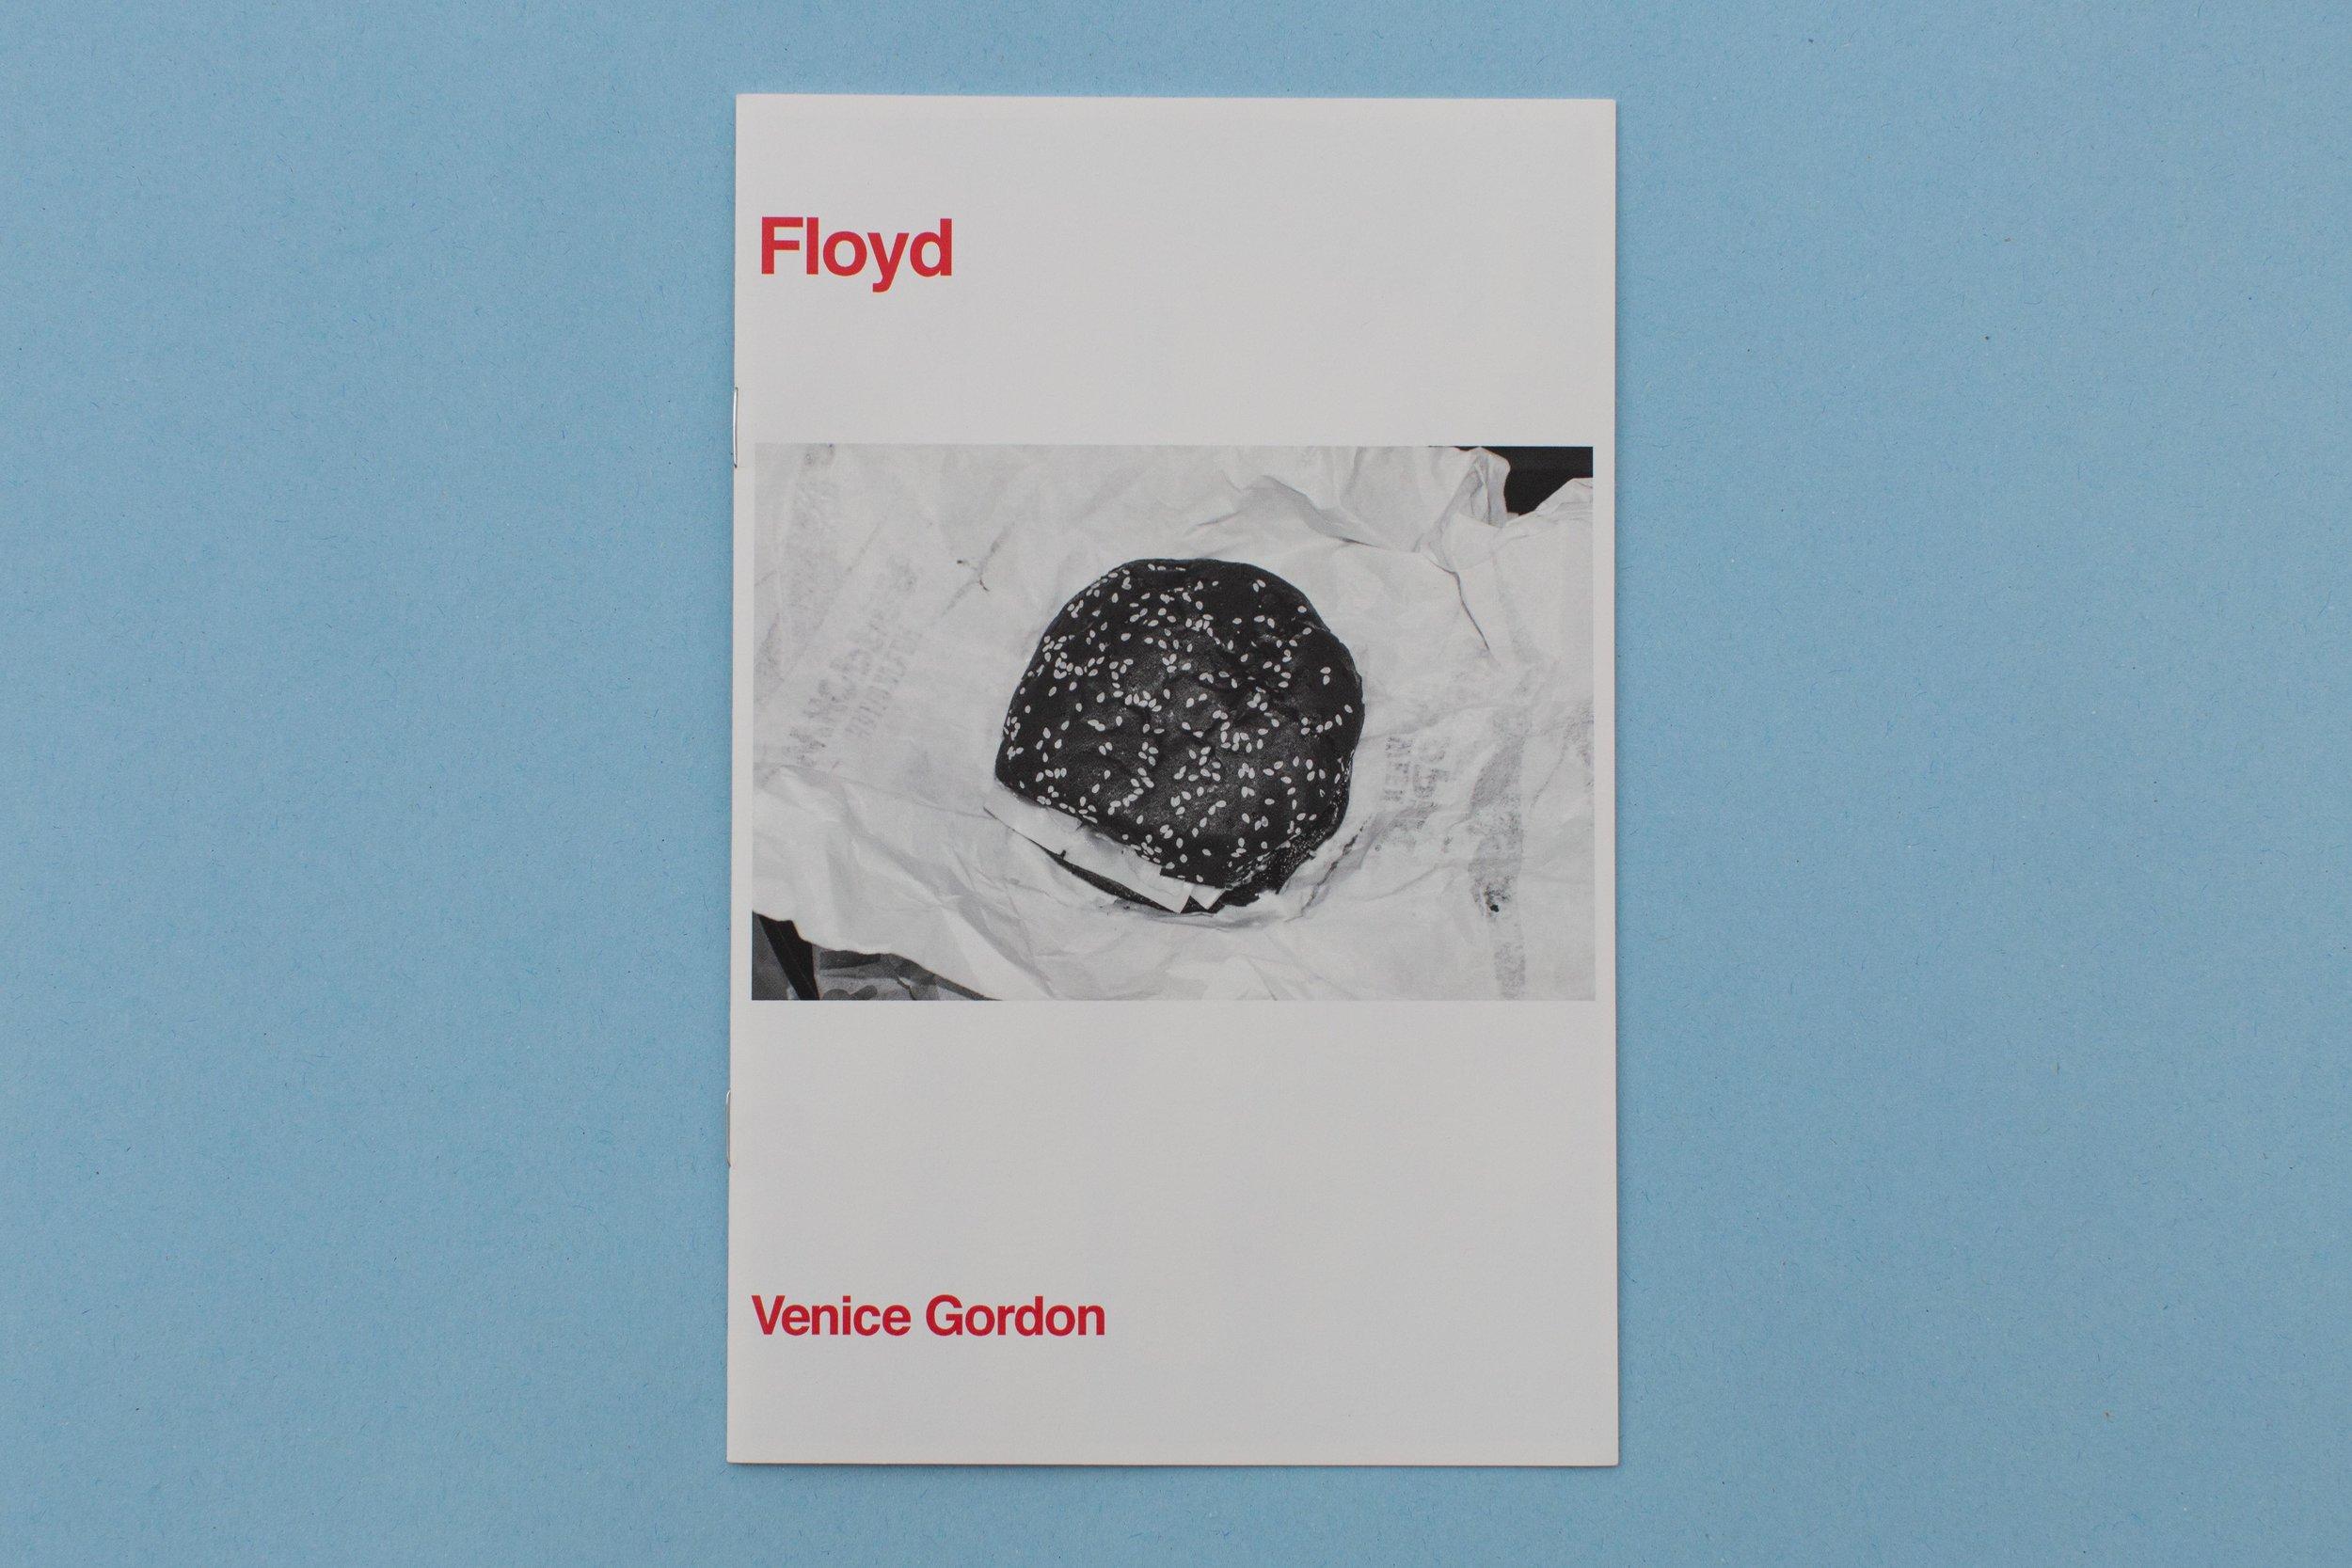 VG_FLOYDB_01.jpg